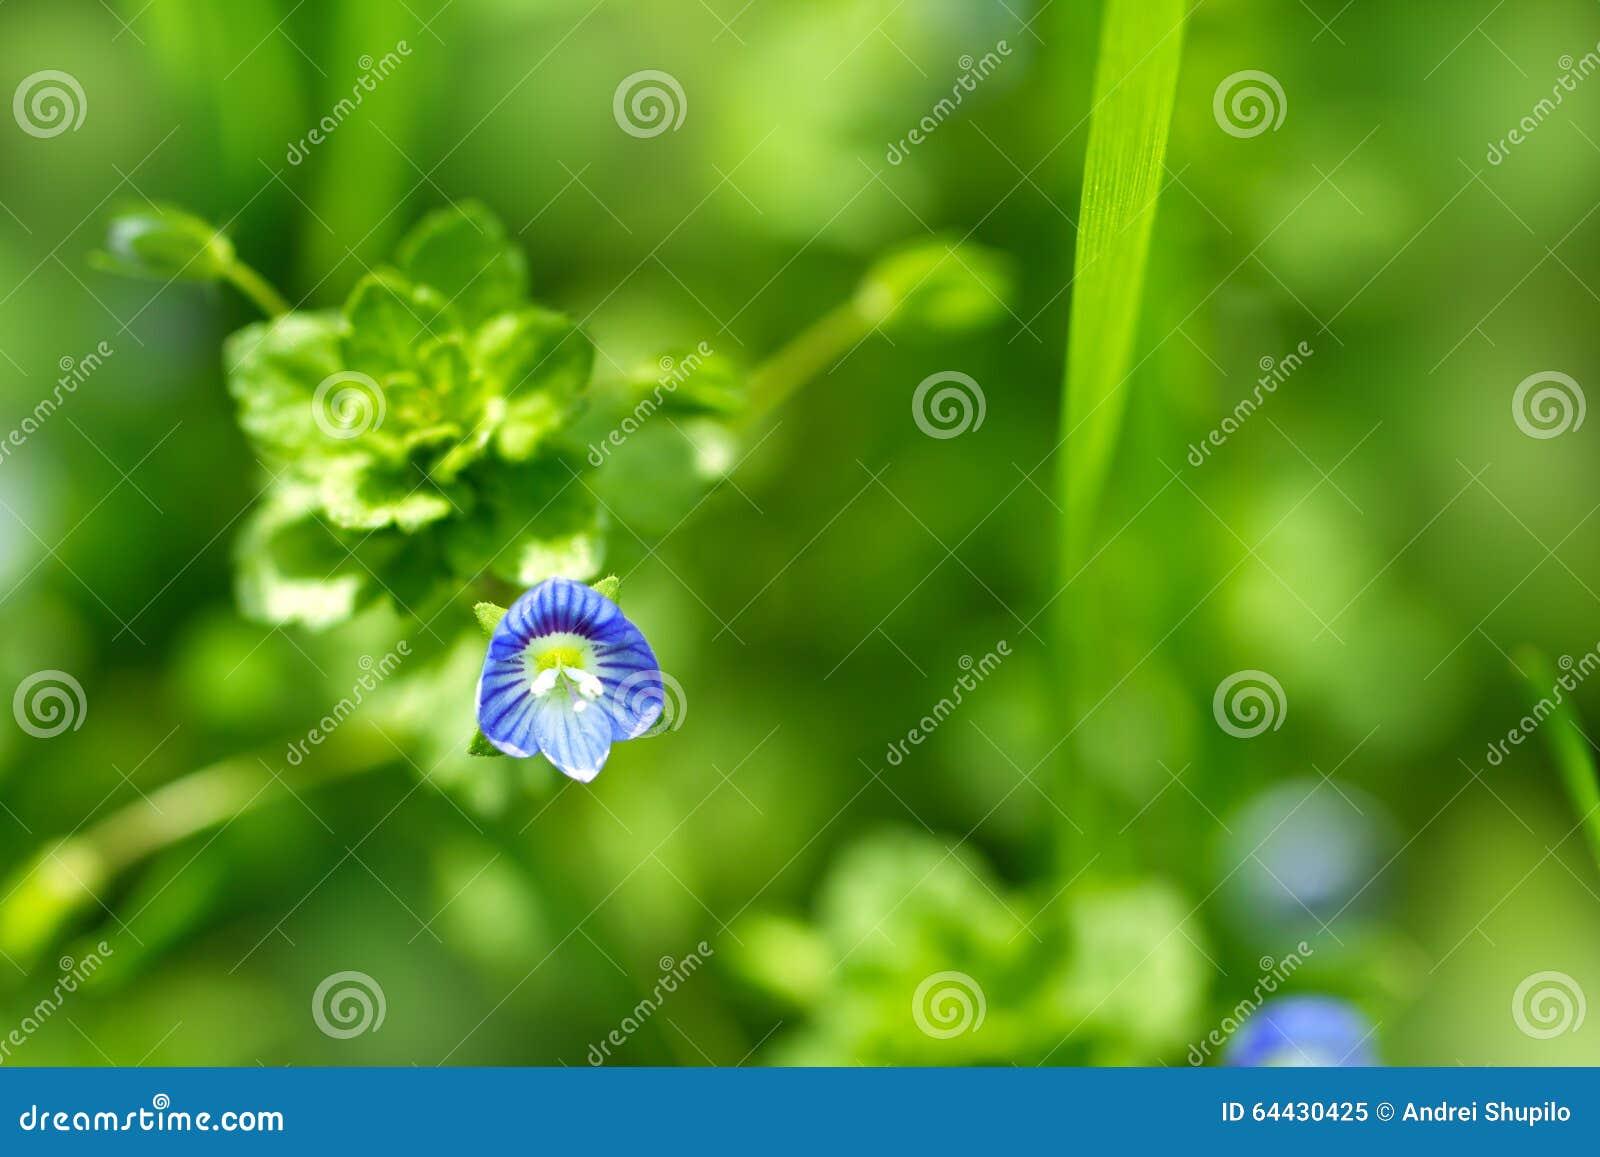 Mooi weinig blauwe bloem